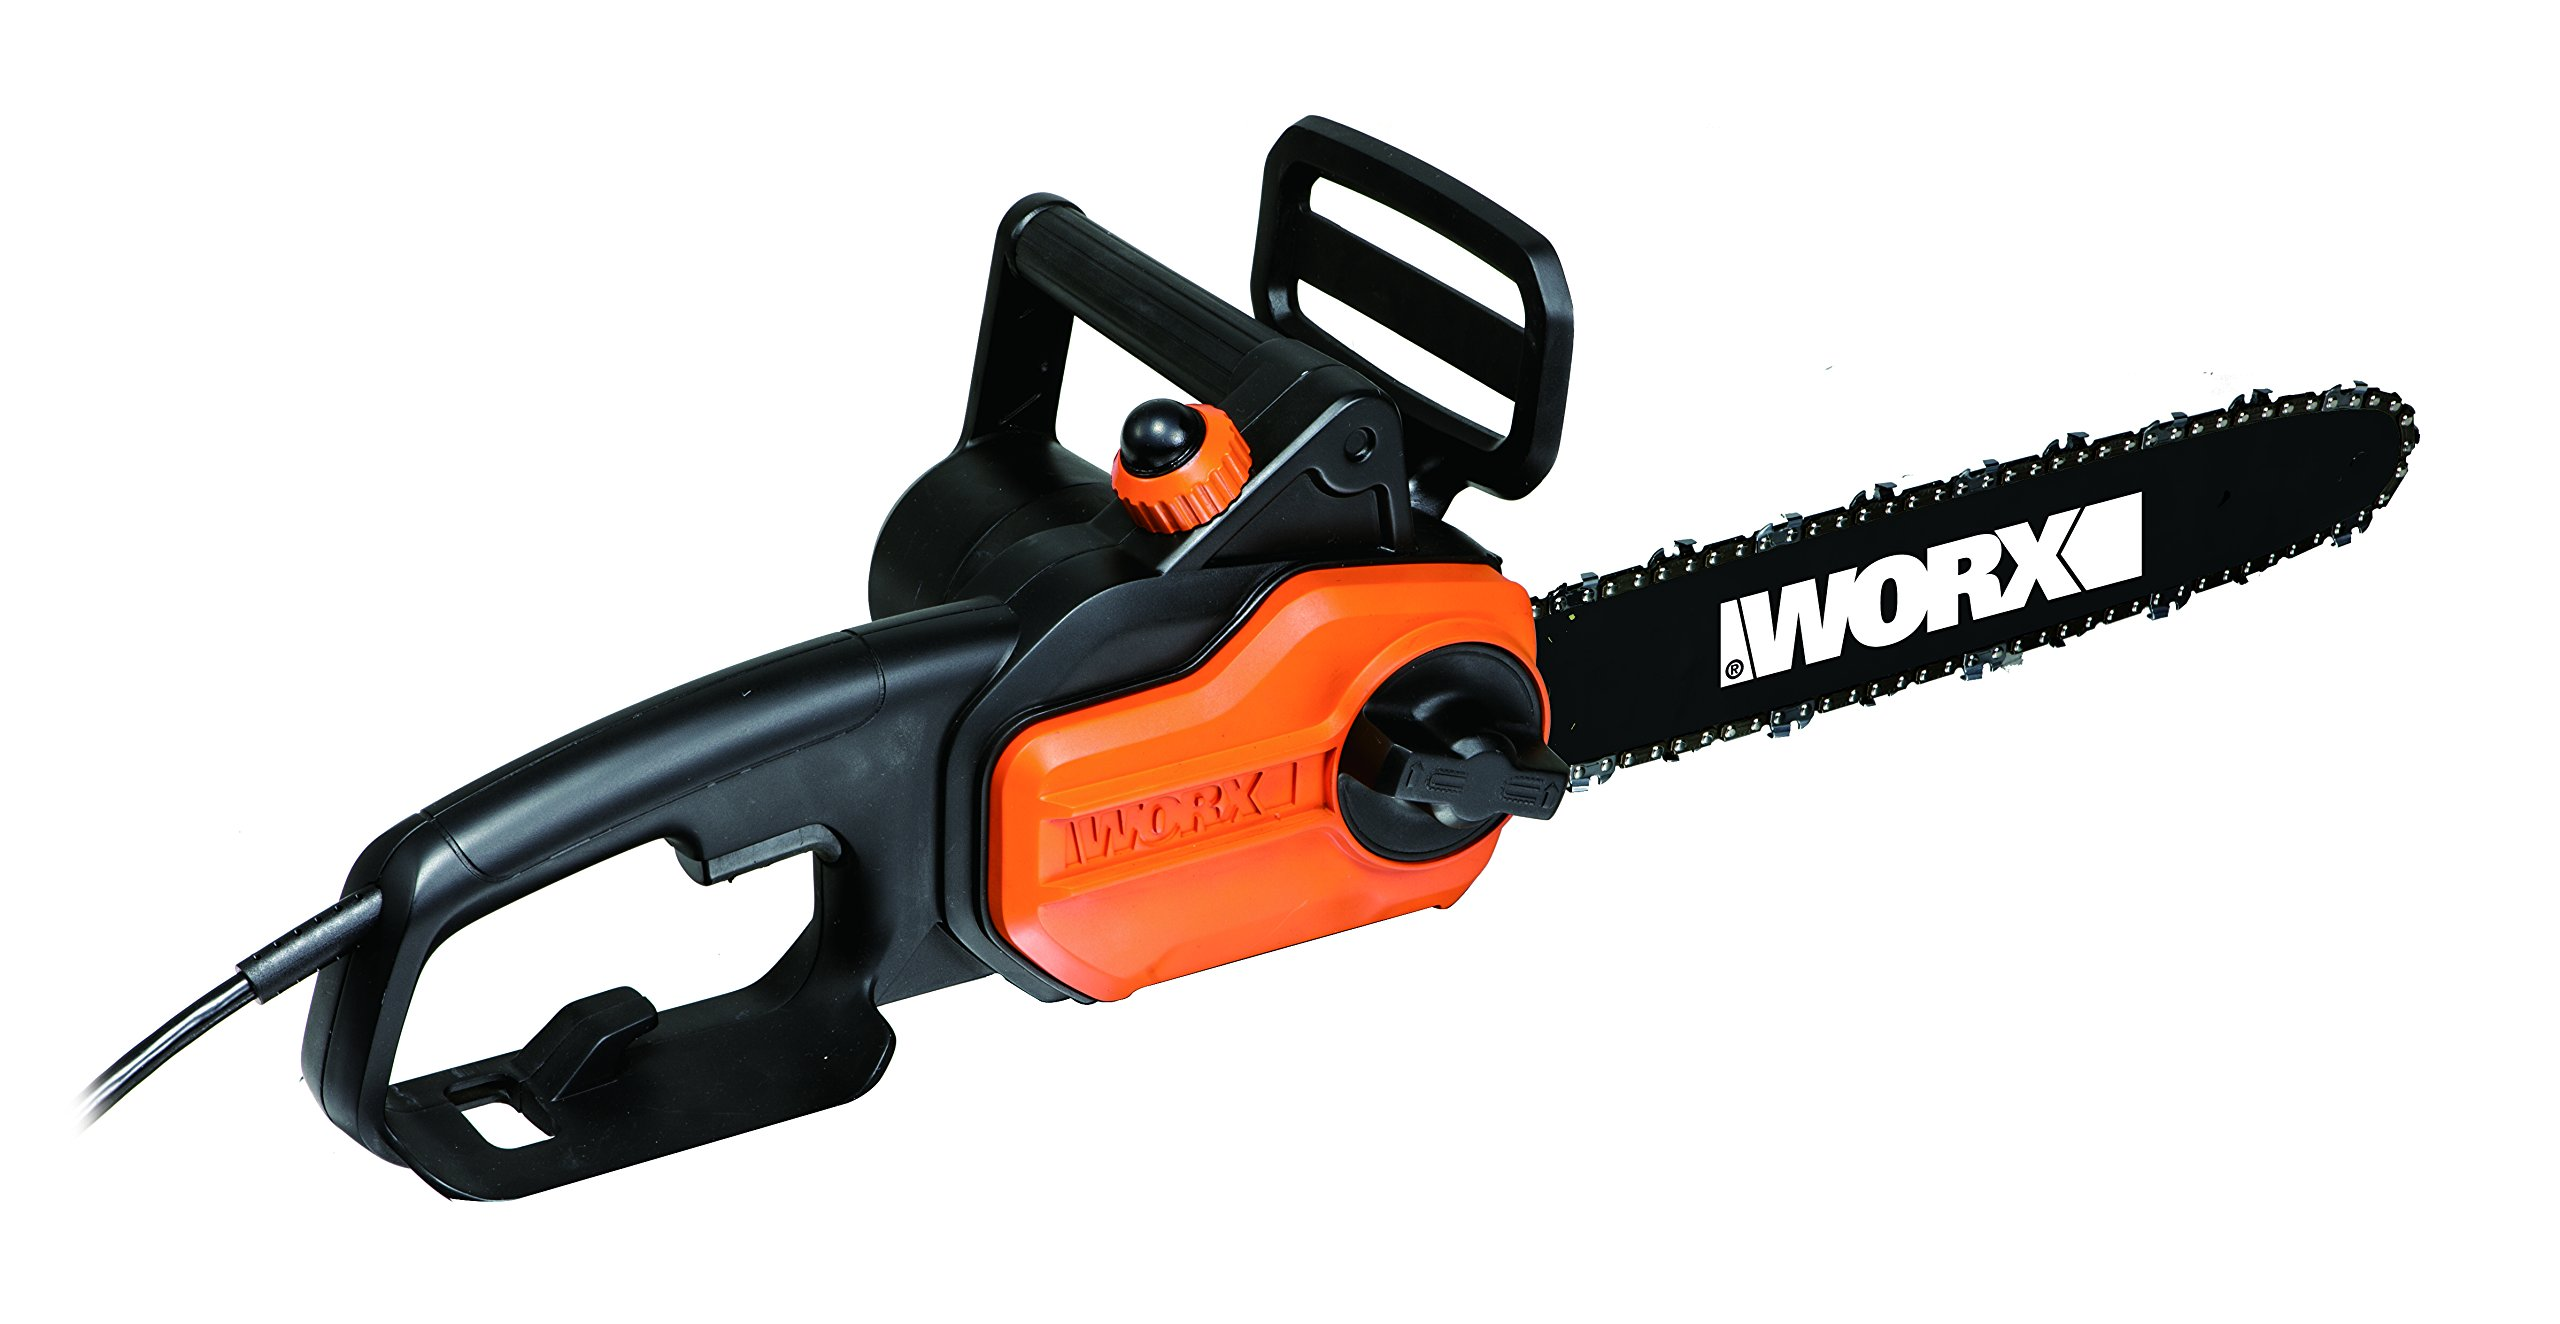 WORX WG305 Electric Chain Saw, 14-Inch by Worx